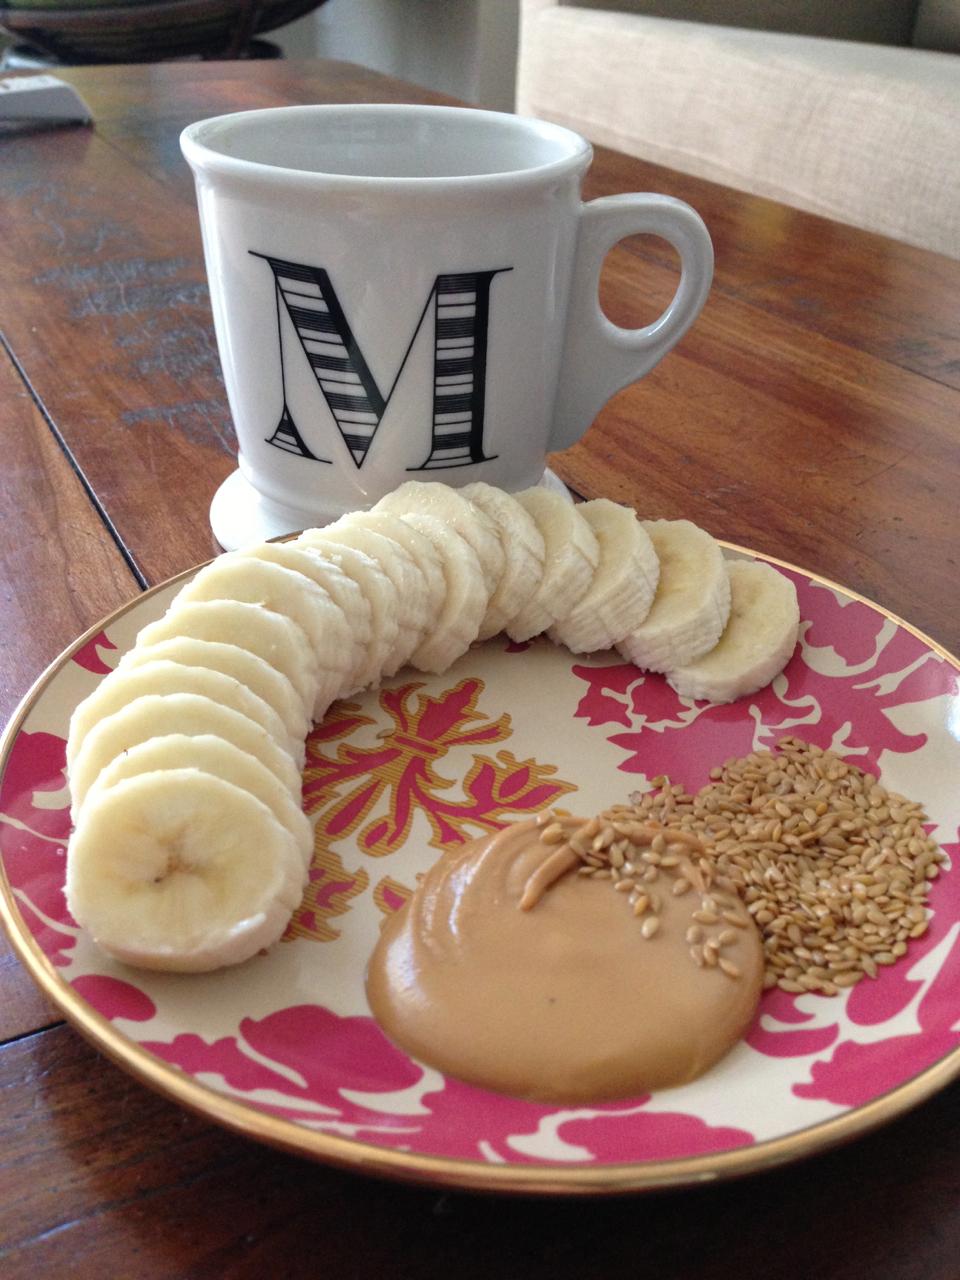 Bananas w/Almond Butter & Flax Seeds